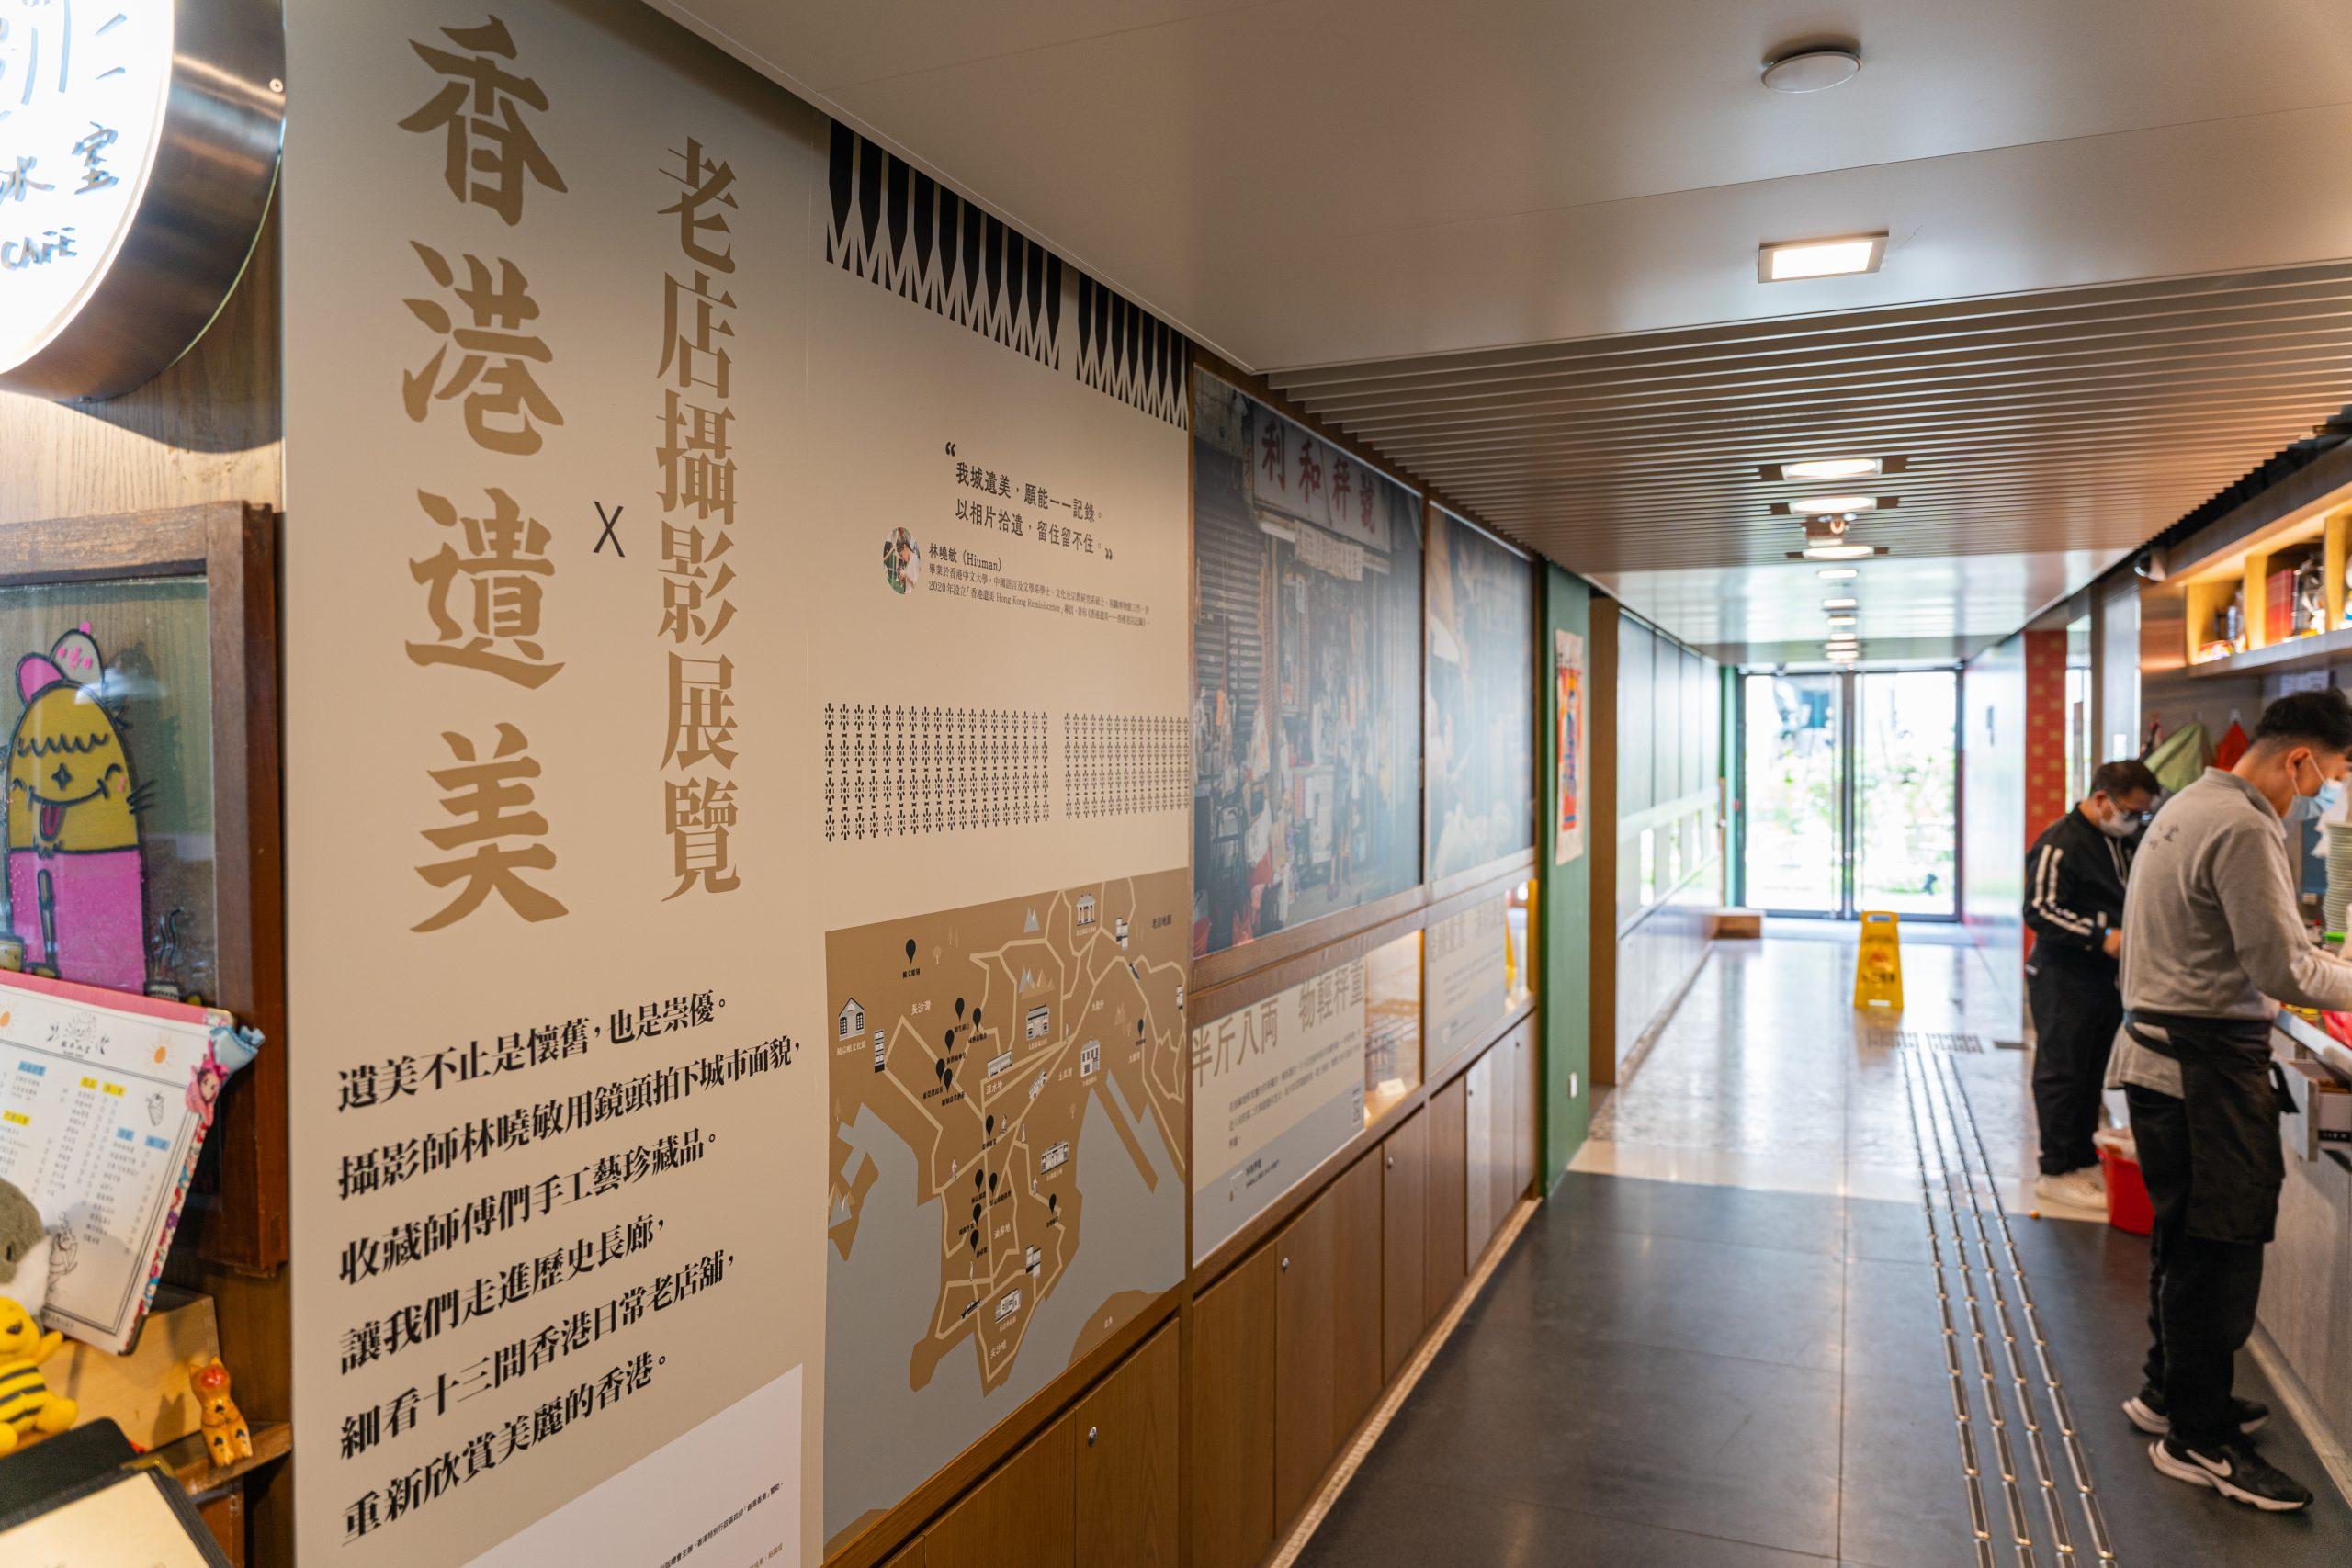 老香港設計展覽 香港遺美 旺角 618 阿銀冰室 歷史 老店